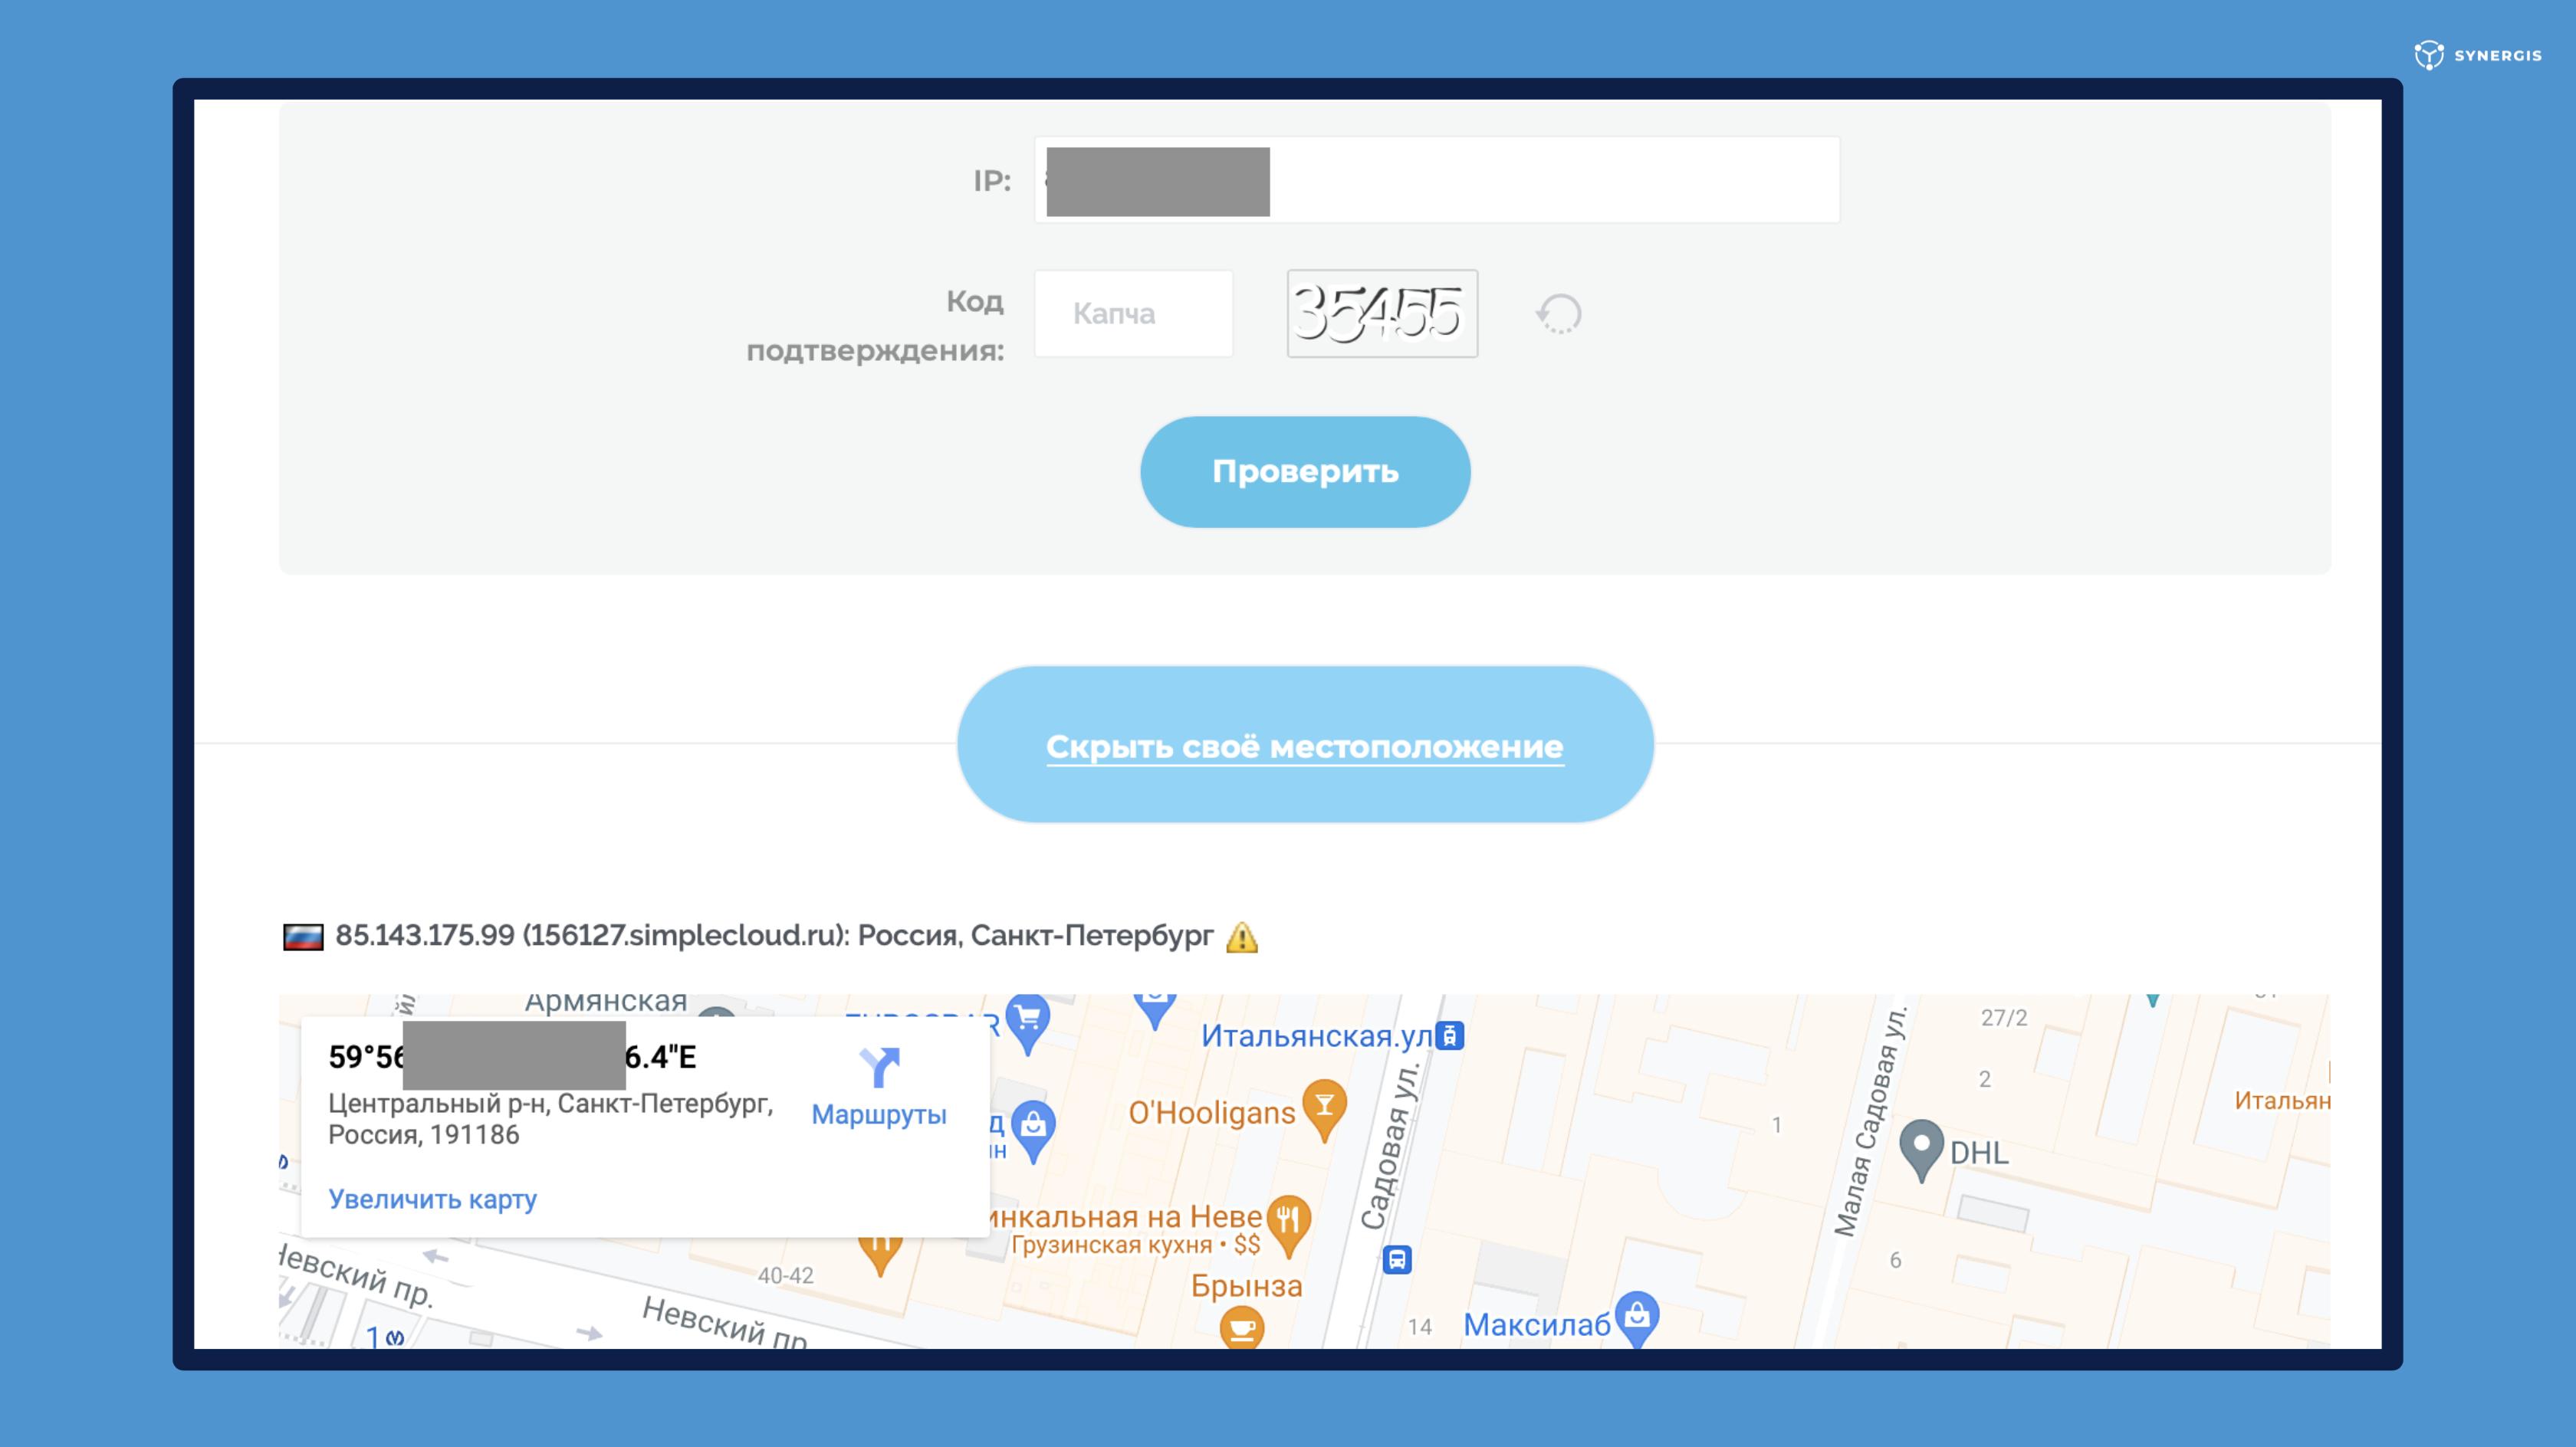 GeoIP. Menaskop. Web 3.0